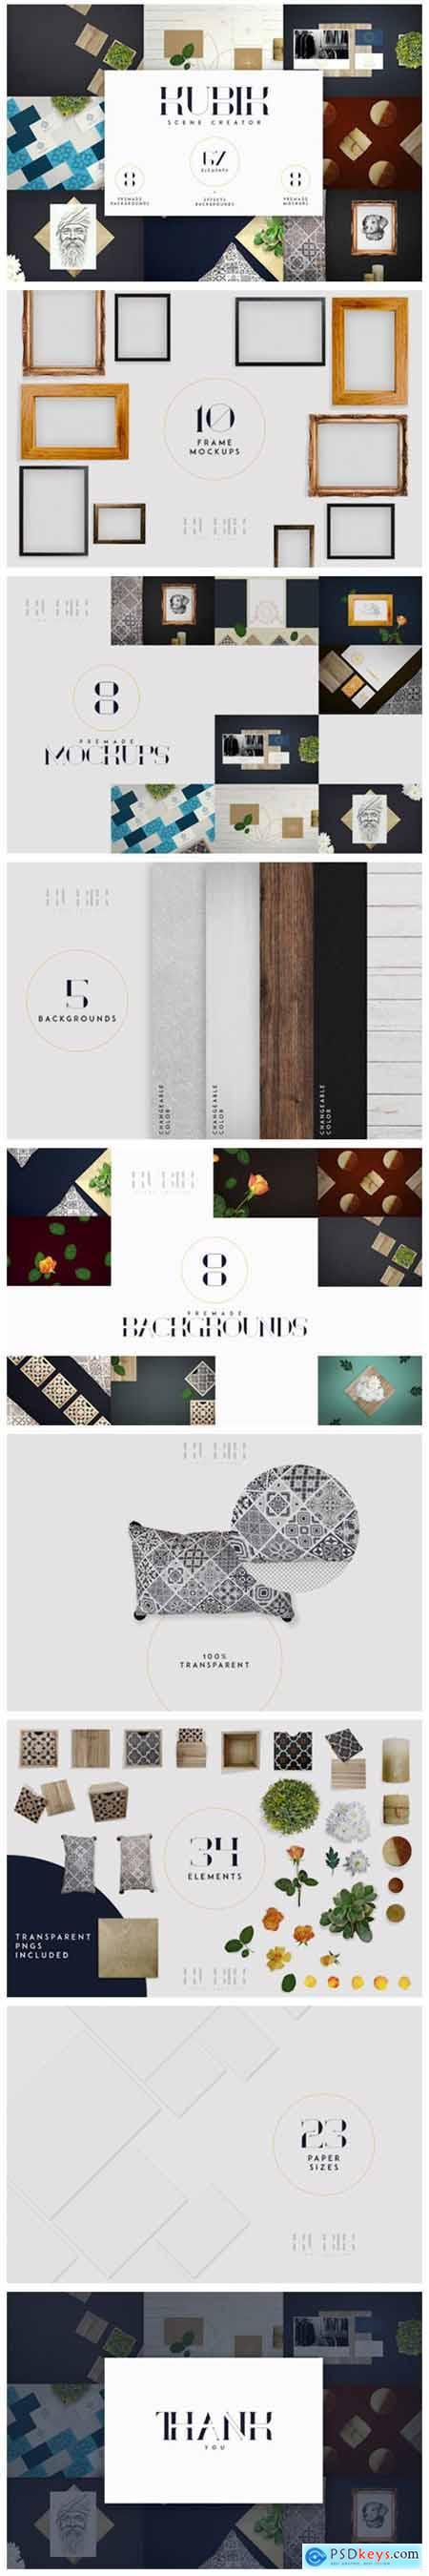 Kubik Scene Creator - 67 Elements 5825685